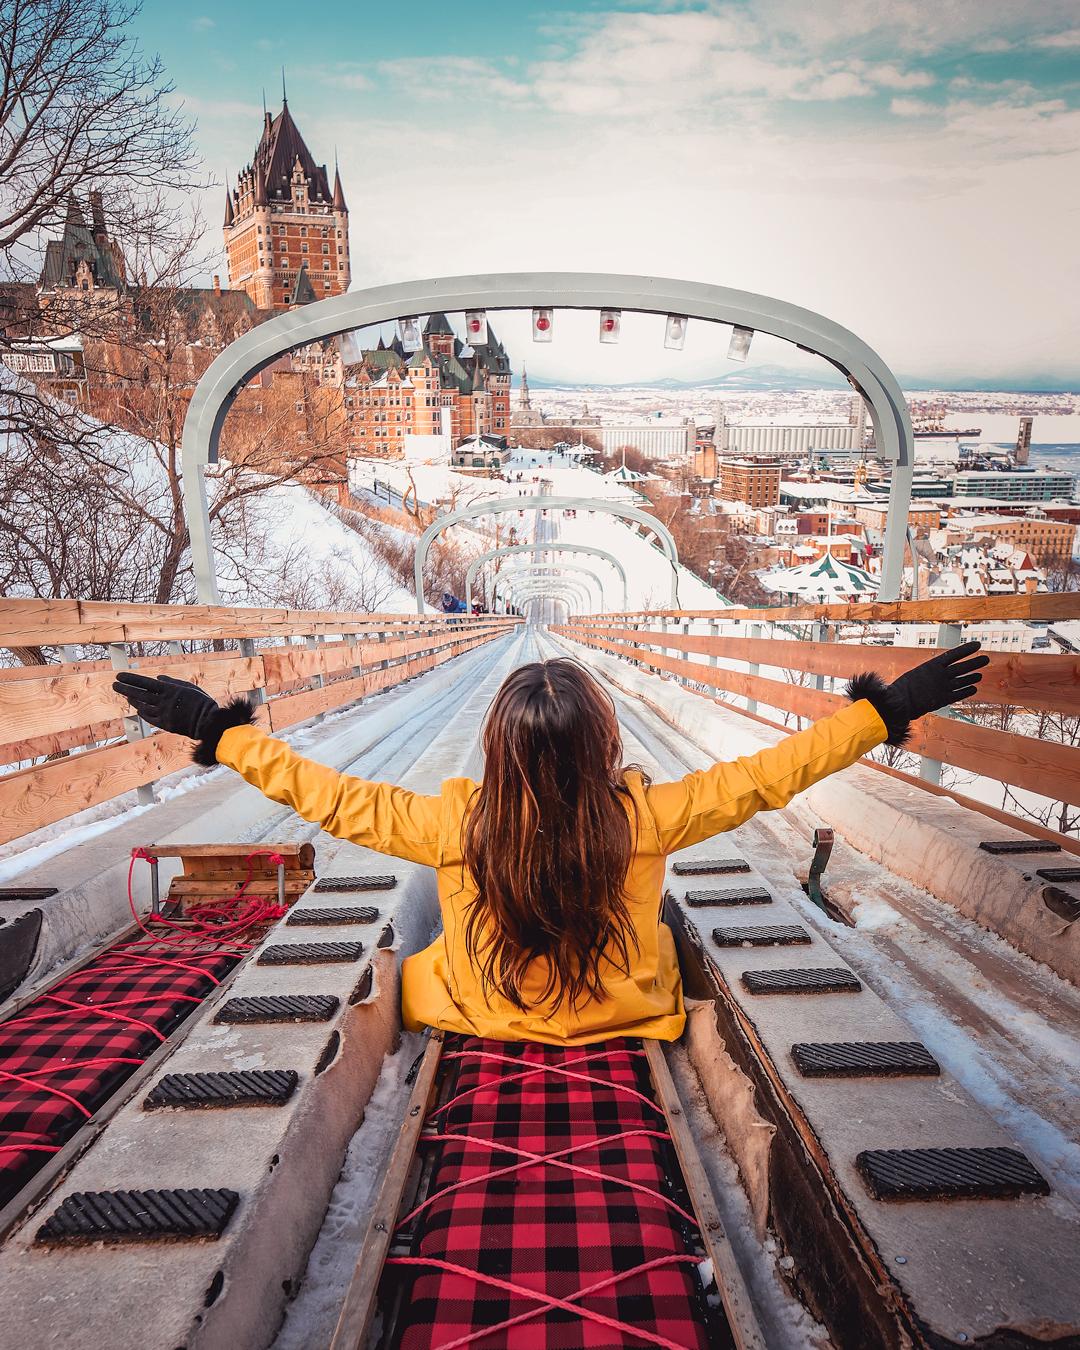 Québec City: A Winter Weekend Getaway